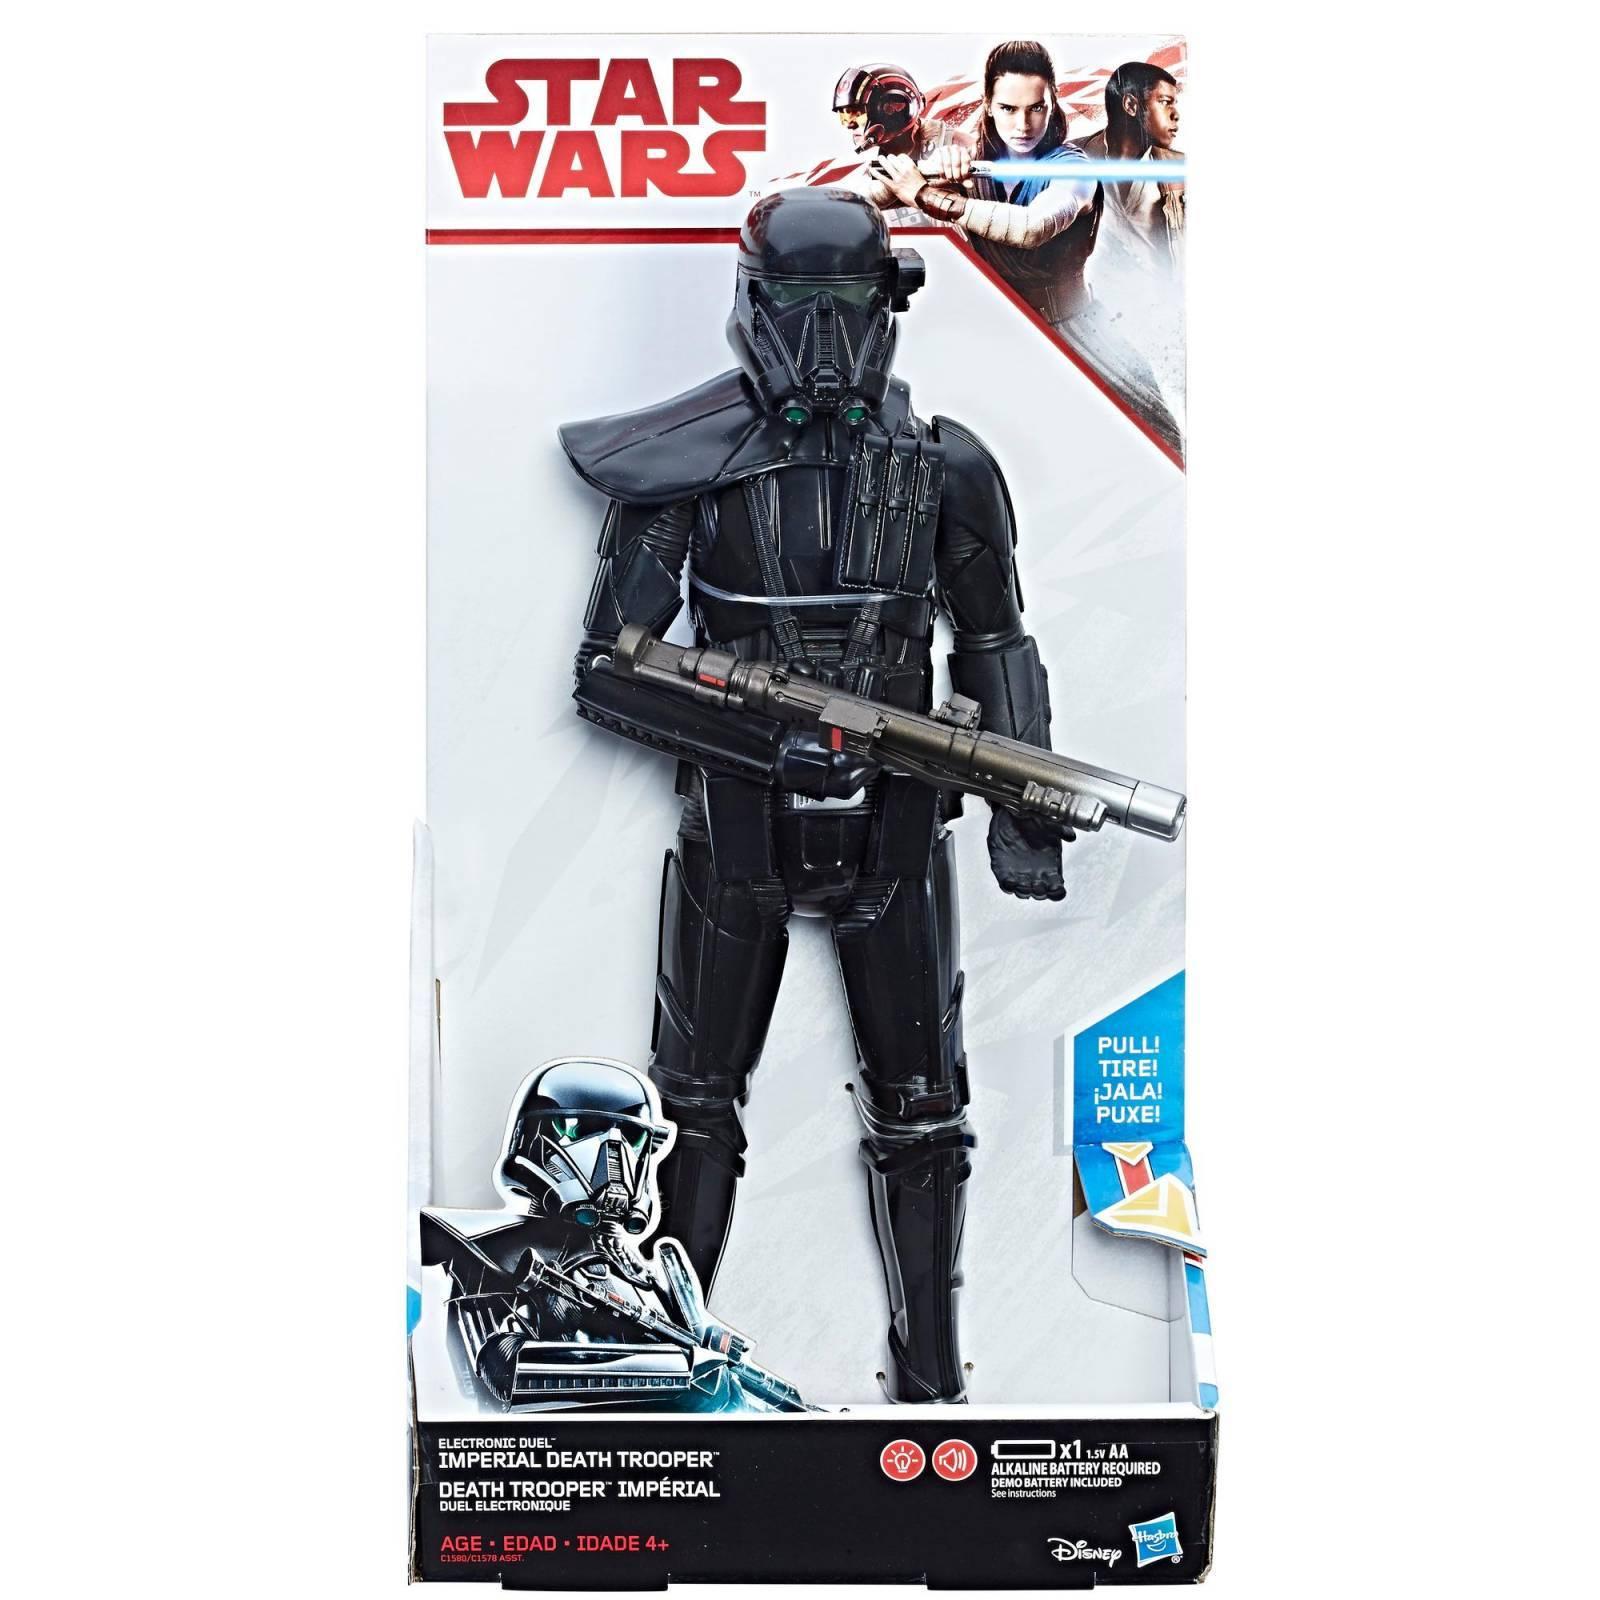 Death Trooper Imperial 30cm Últimos JEDI Star Wars Disney - Hasbro C1580 - Noy Brinquedos